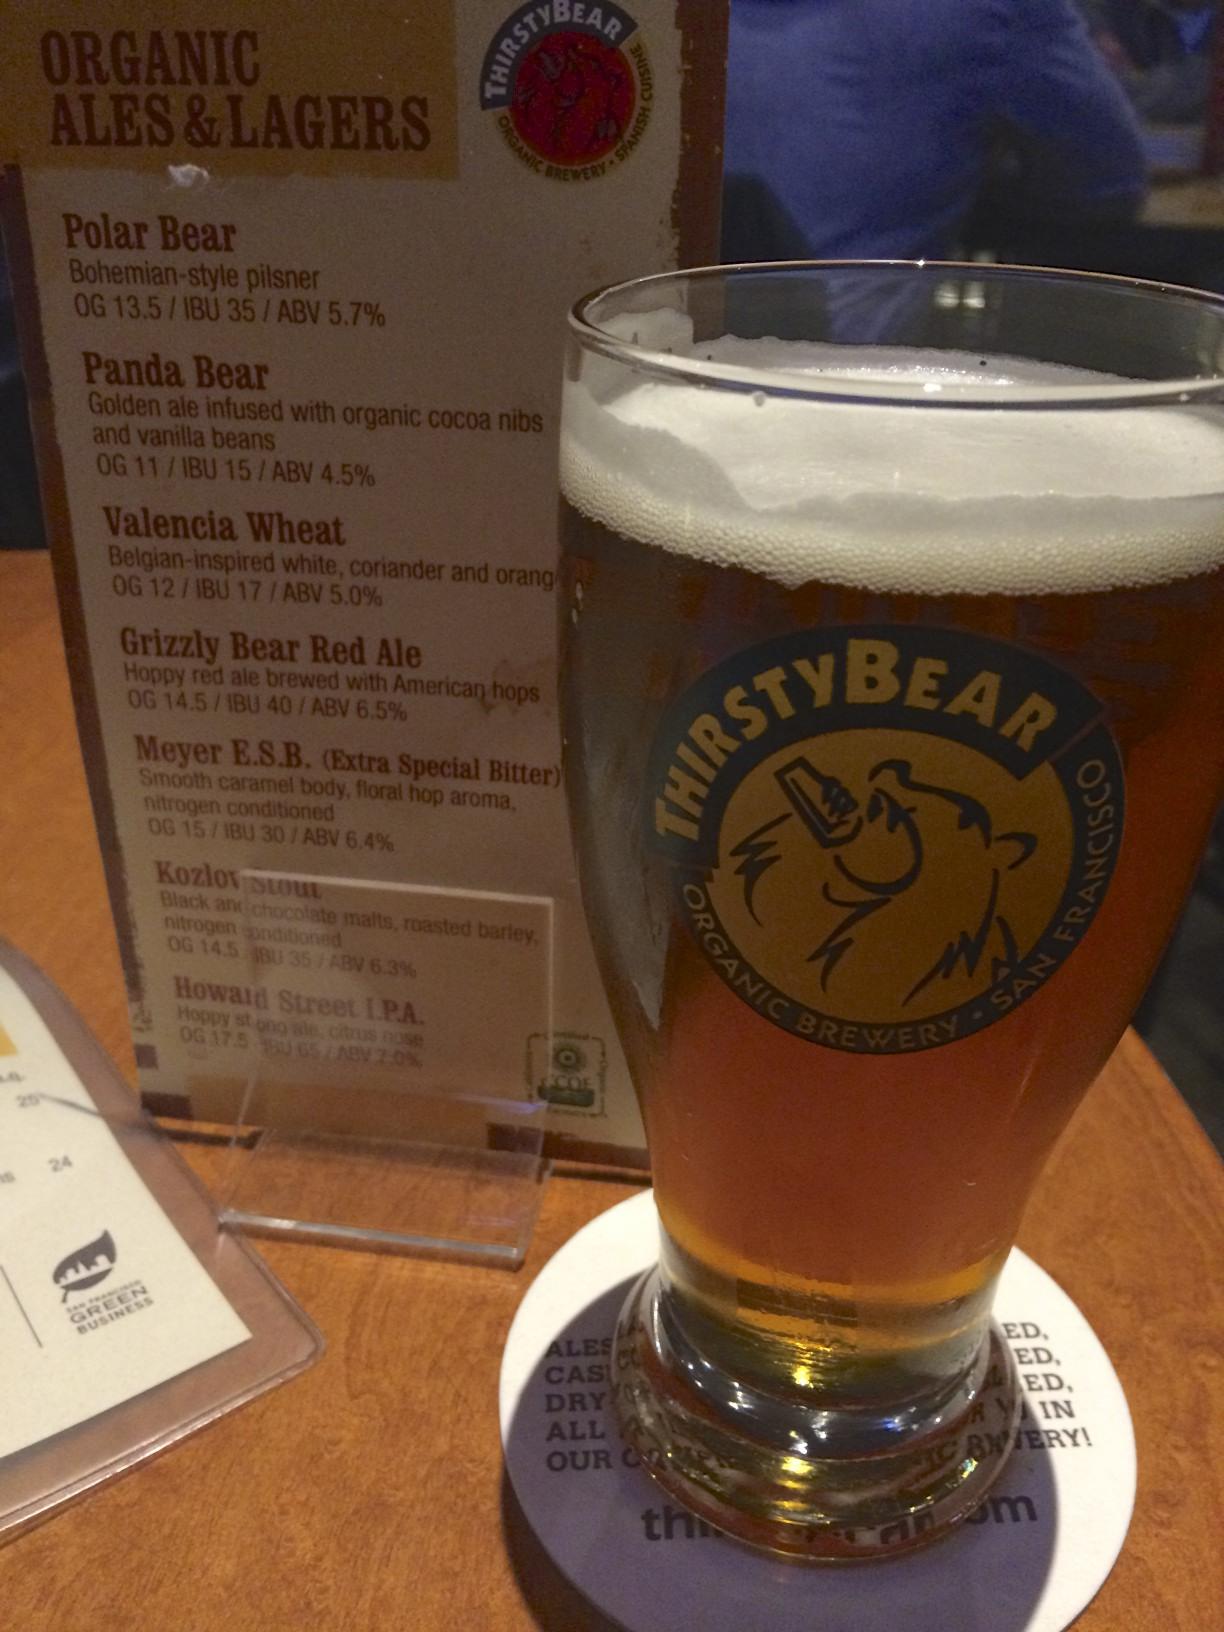 Polar Bear Wheat Beer